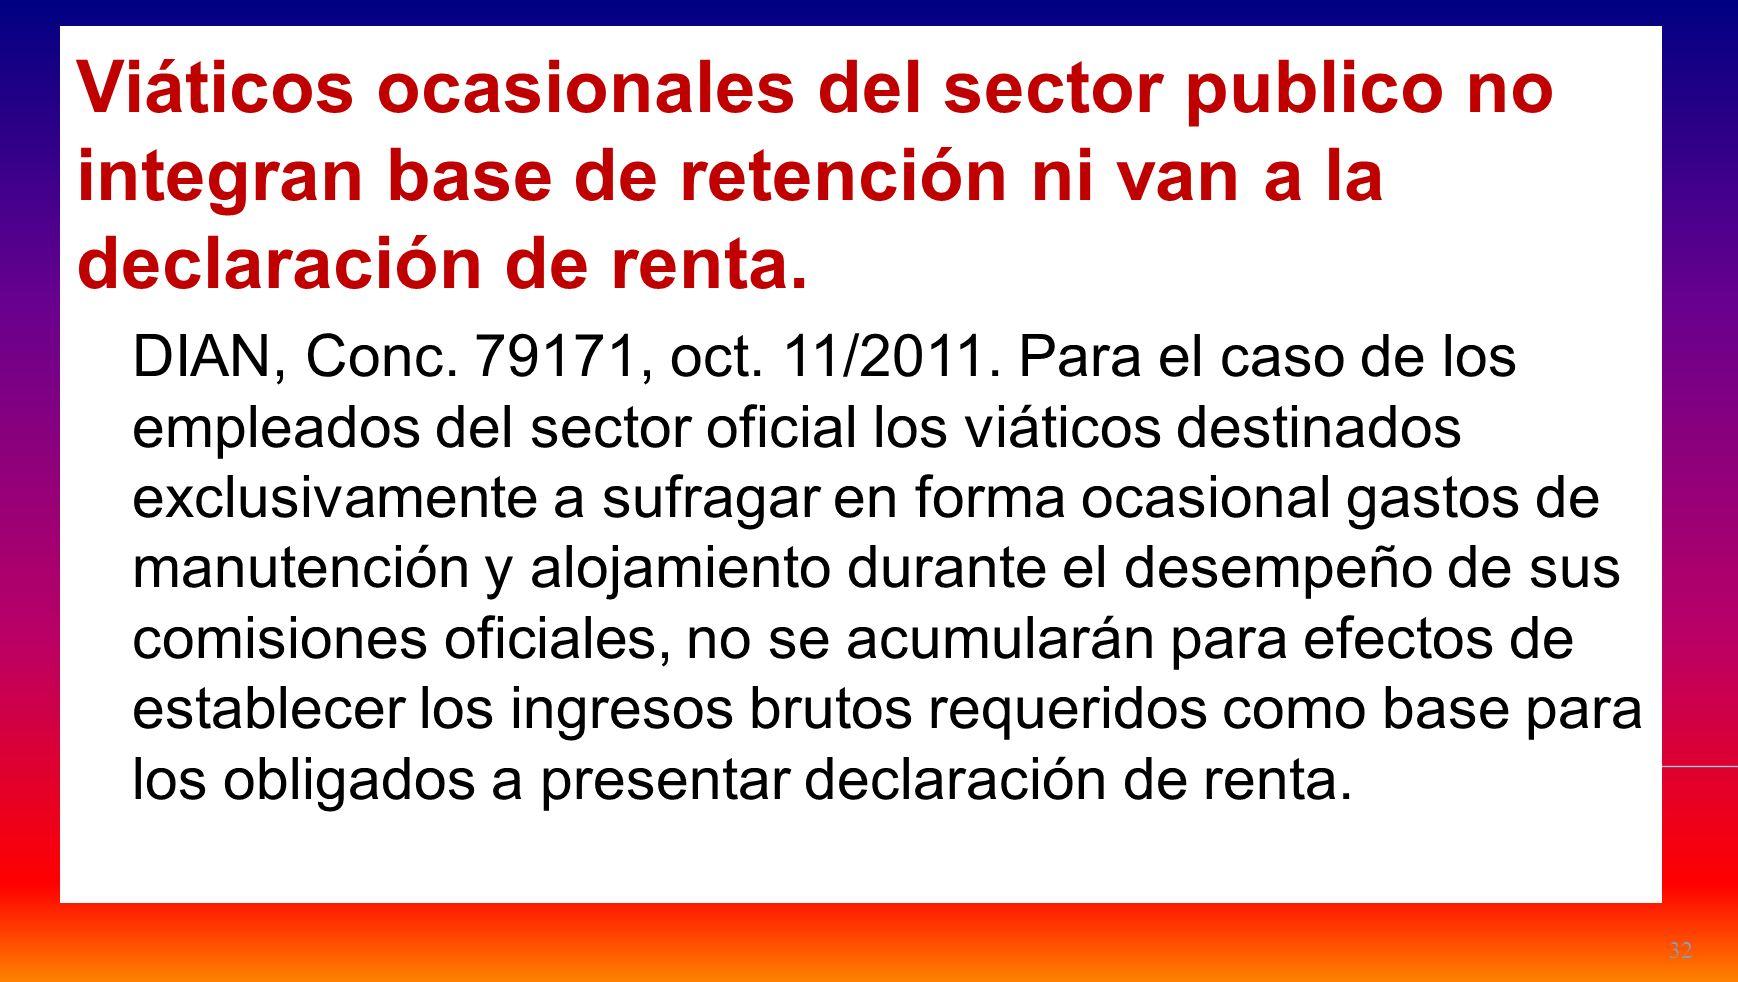 32 Viáticos ocasionales del sector publico no integran base de retención ni van a la declaración de renta. DIAN, Conc. 79171, oct. 11/2011. Para el ca